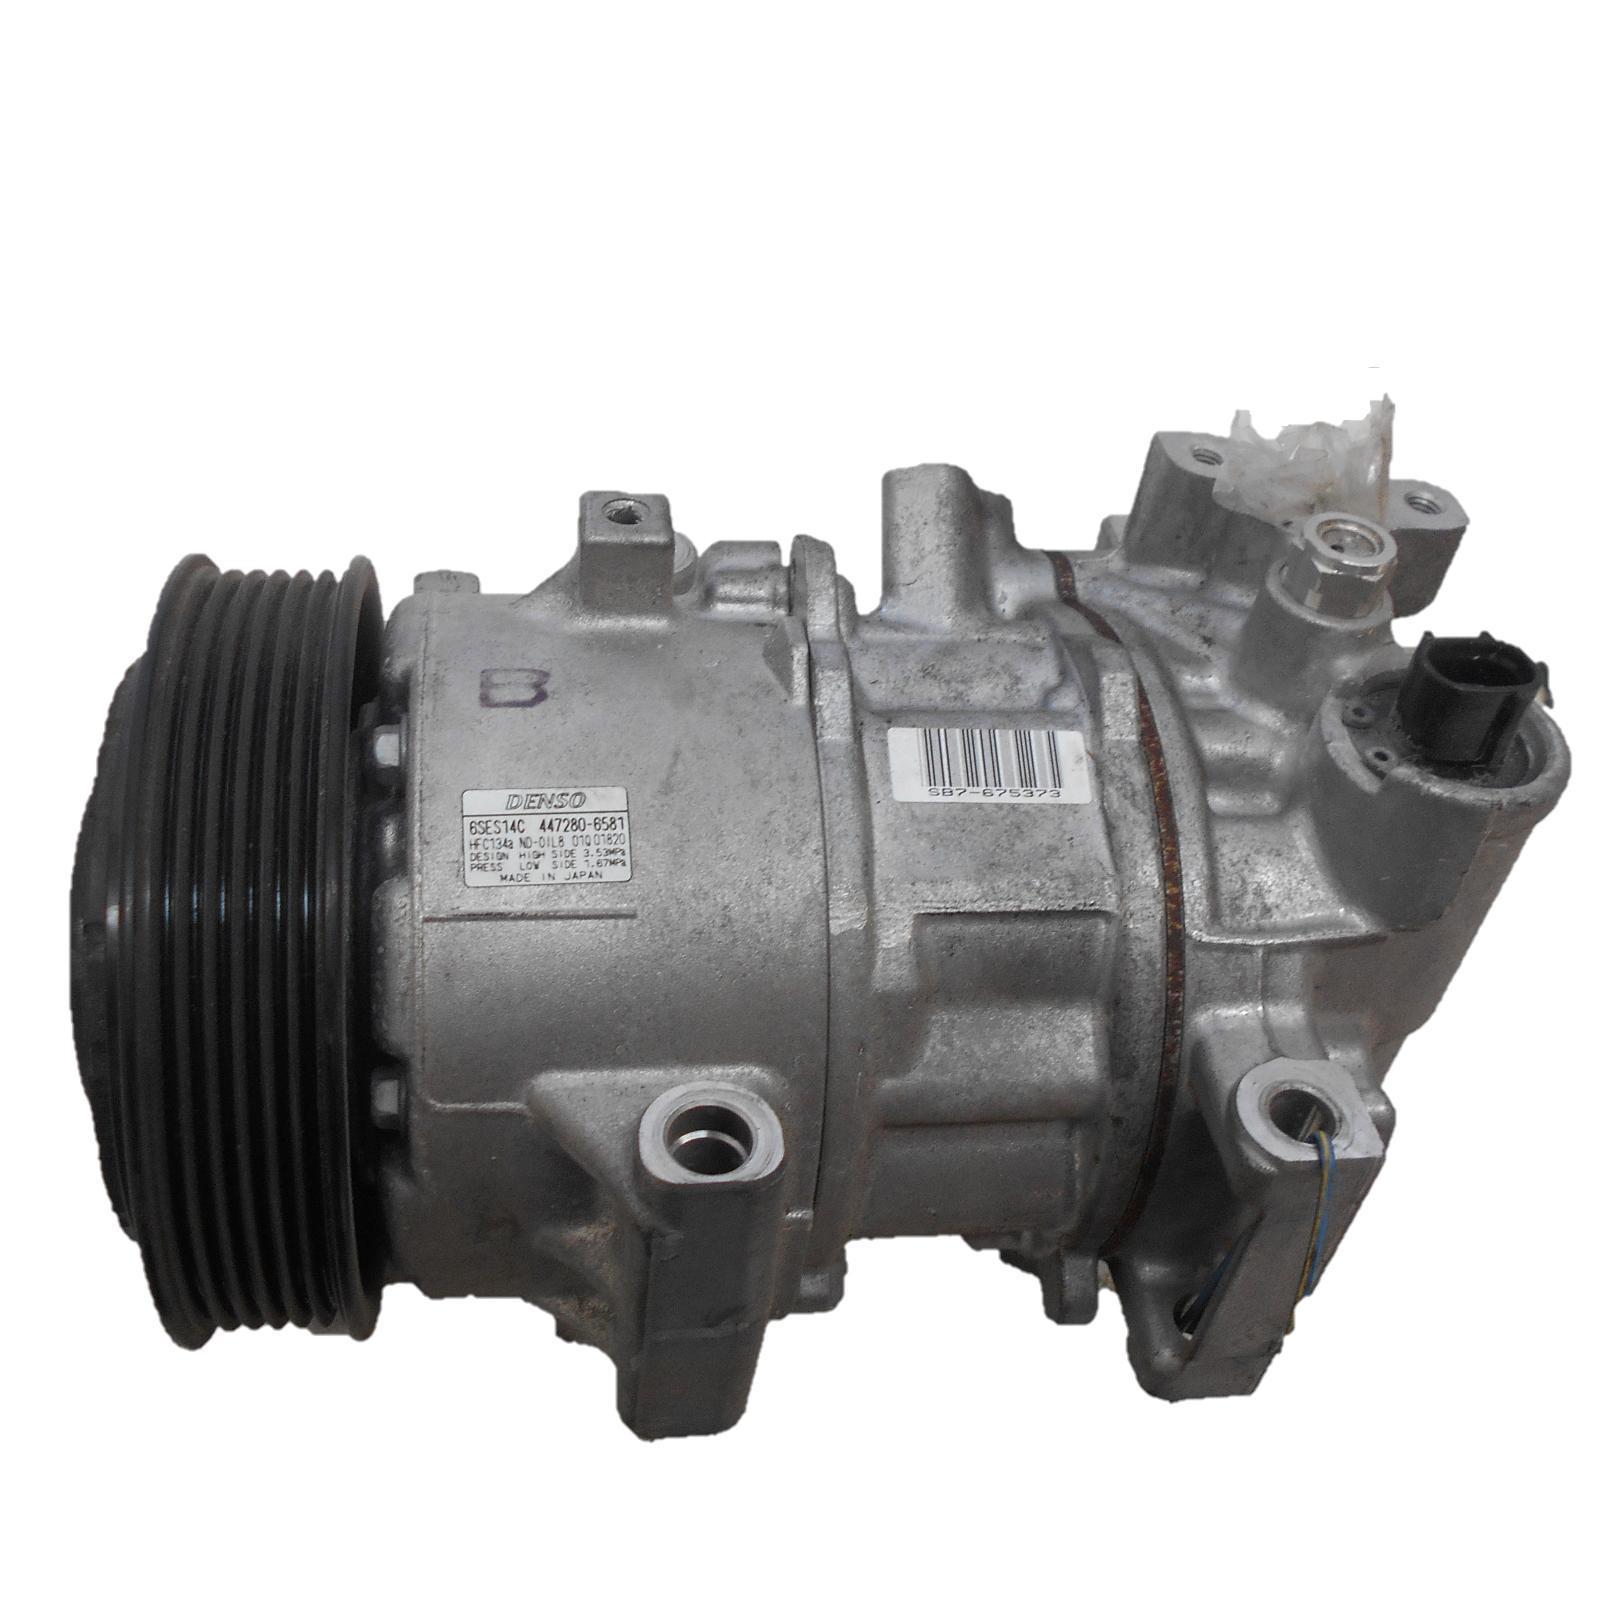 TOYOTA COROLLA, A/C Compressor, ZRE182R, 1.8, 2ZR-FE, PETROL, NON HYBRID, 10/12-06/18